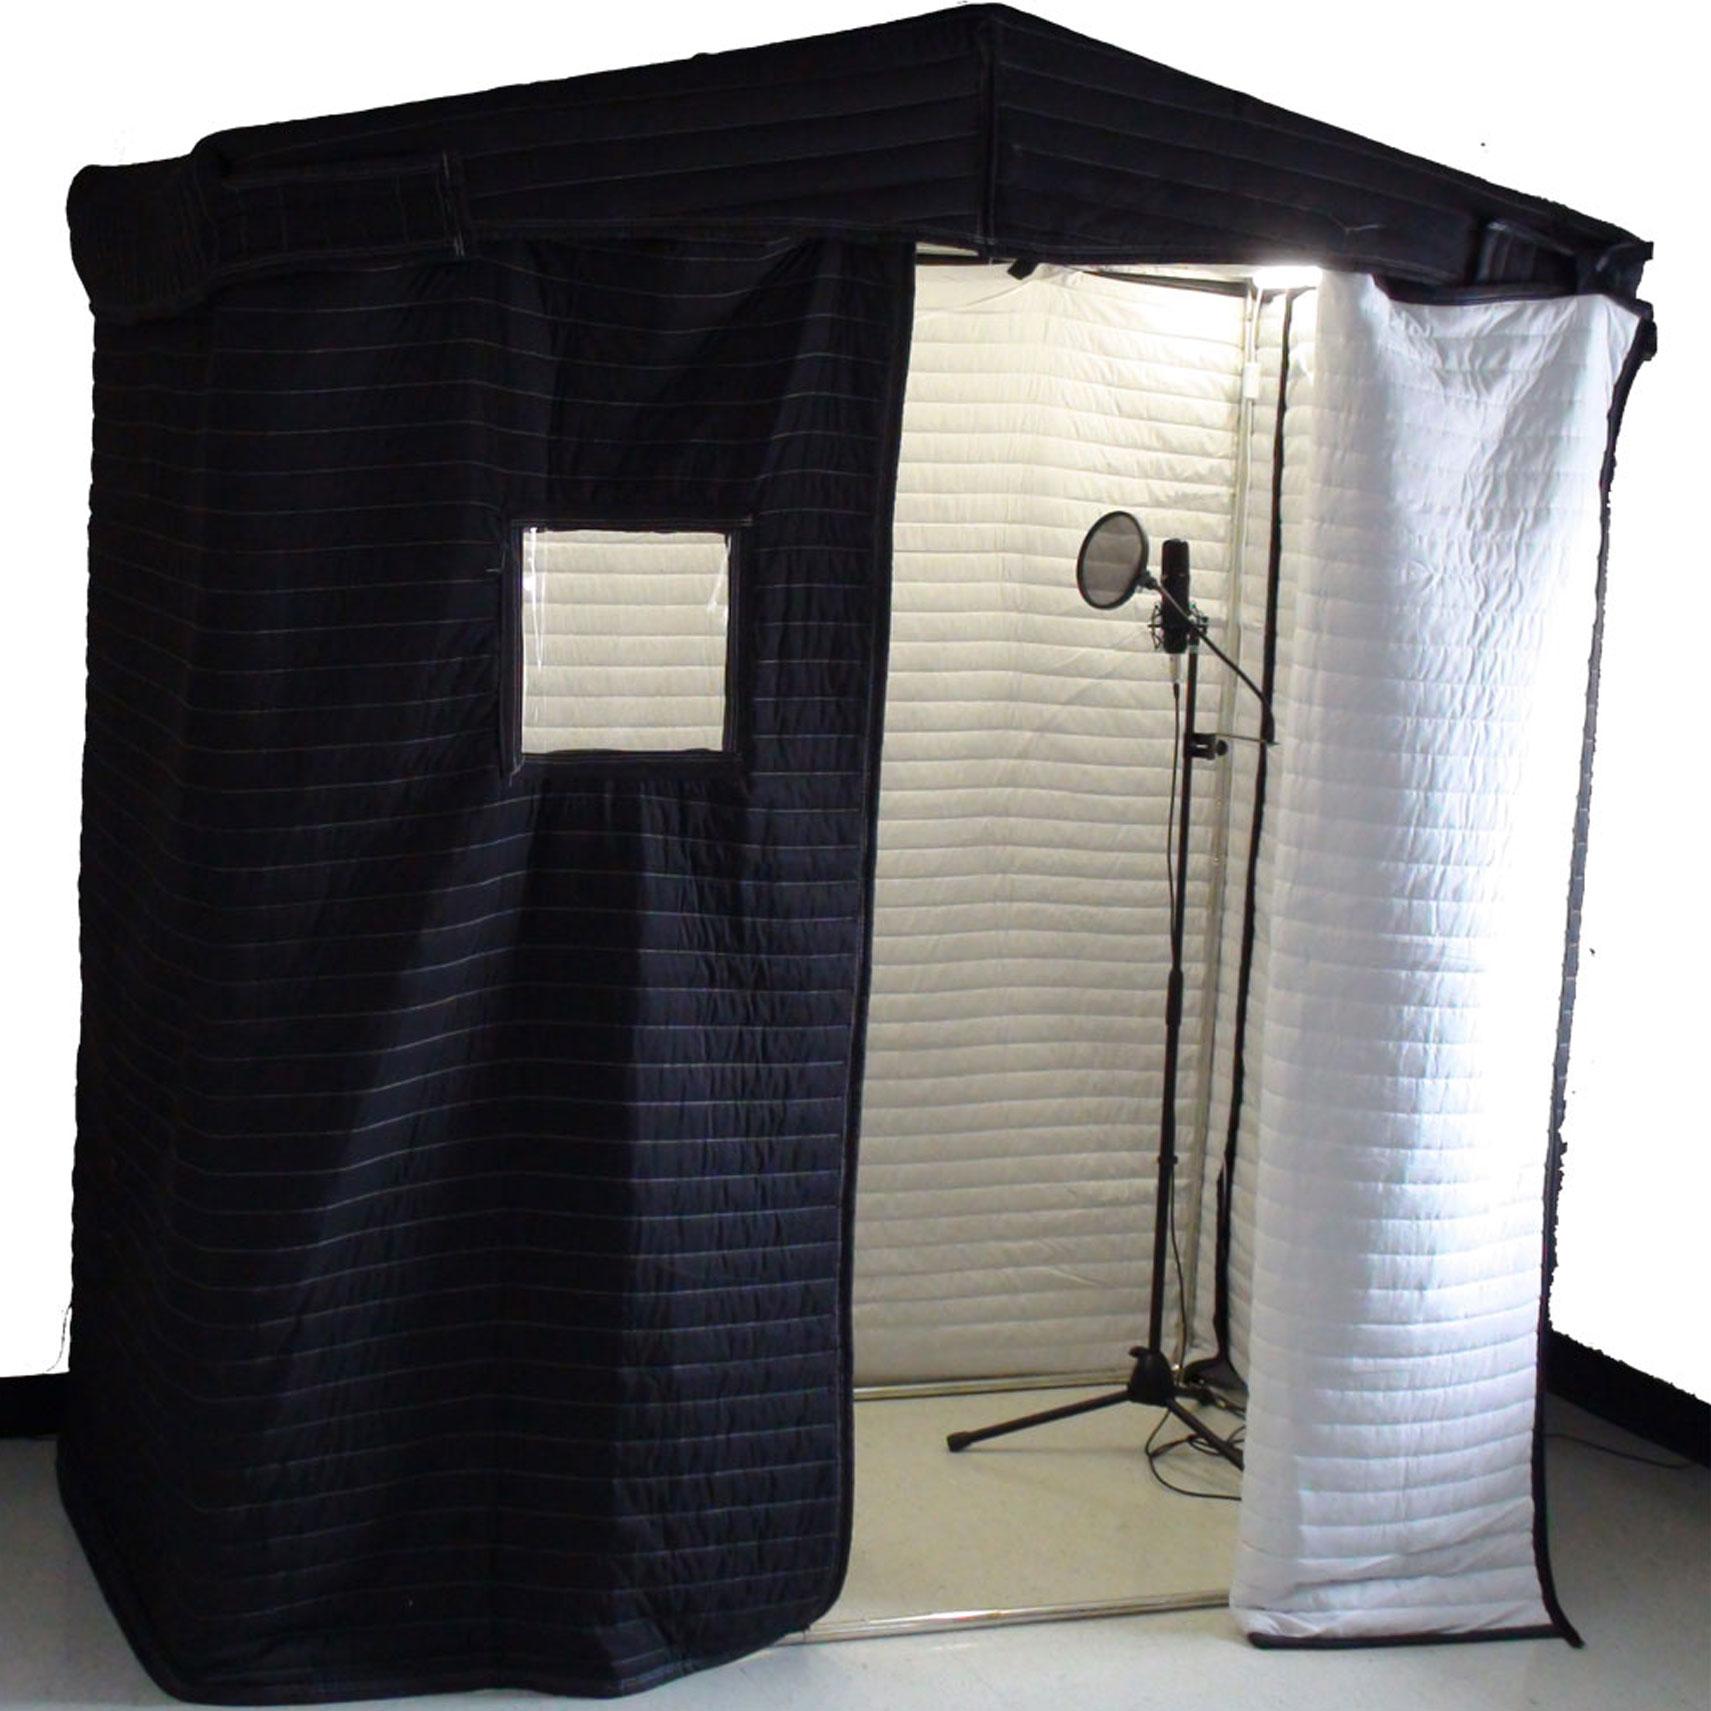 Vocal Booth AVB63